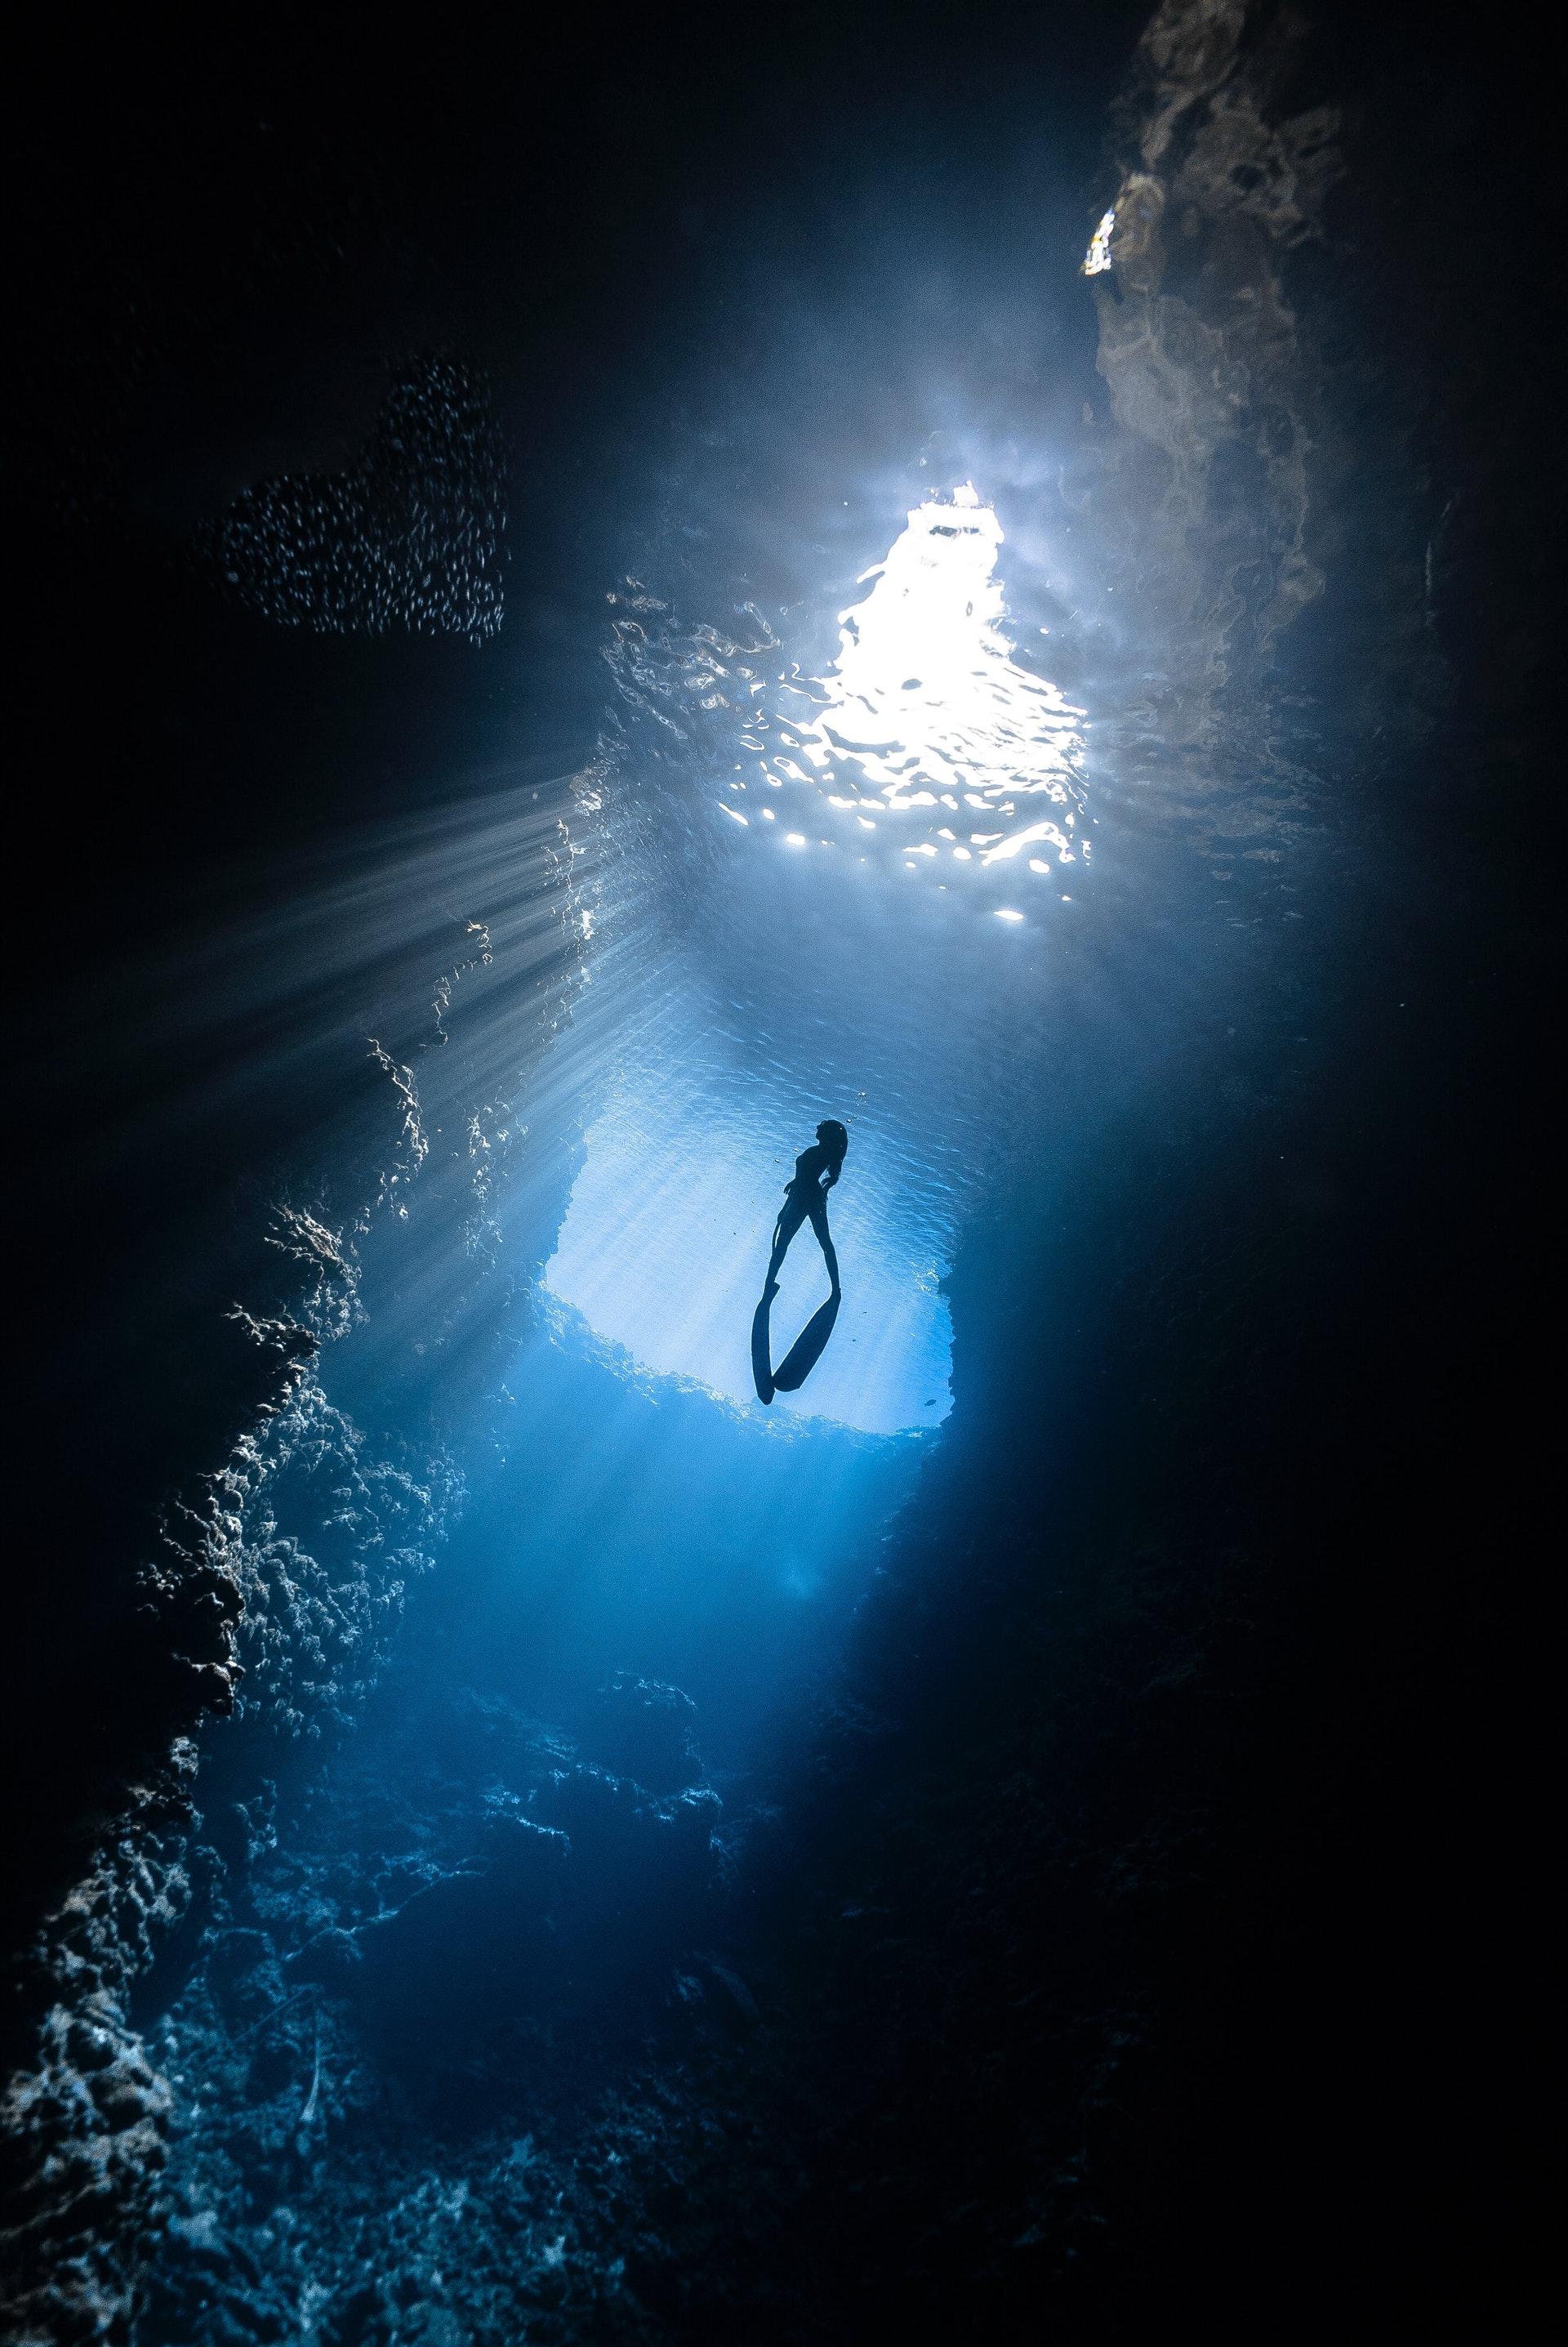 podwodn